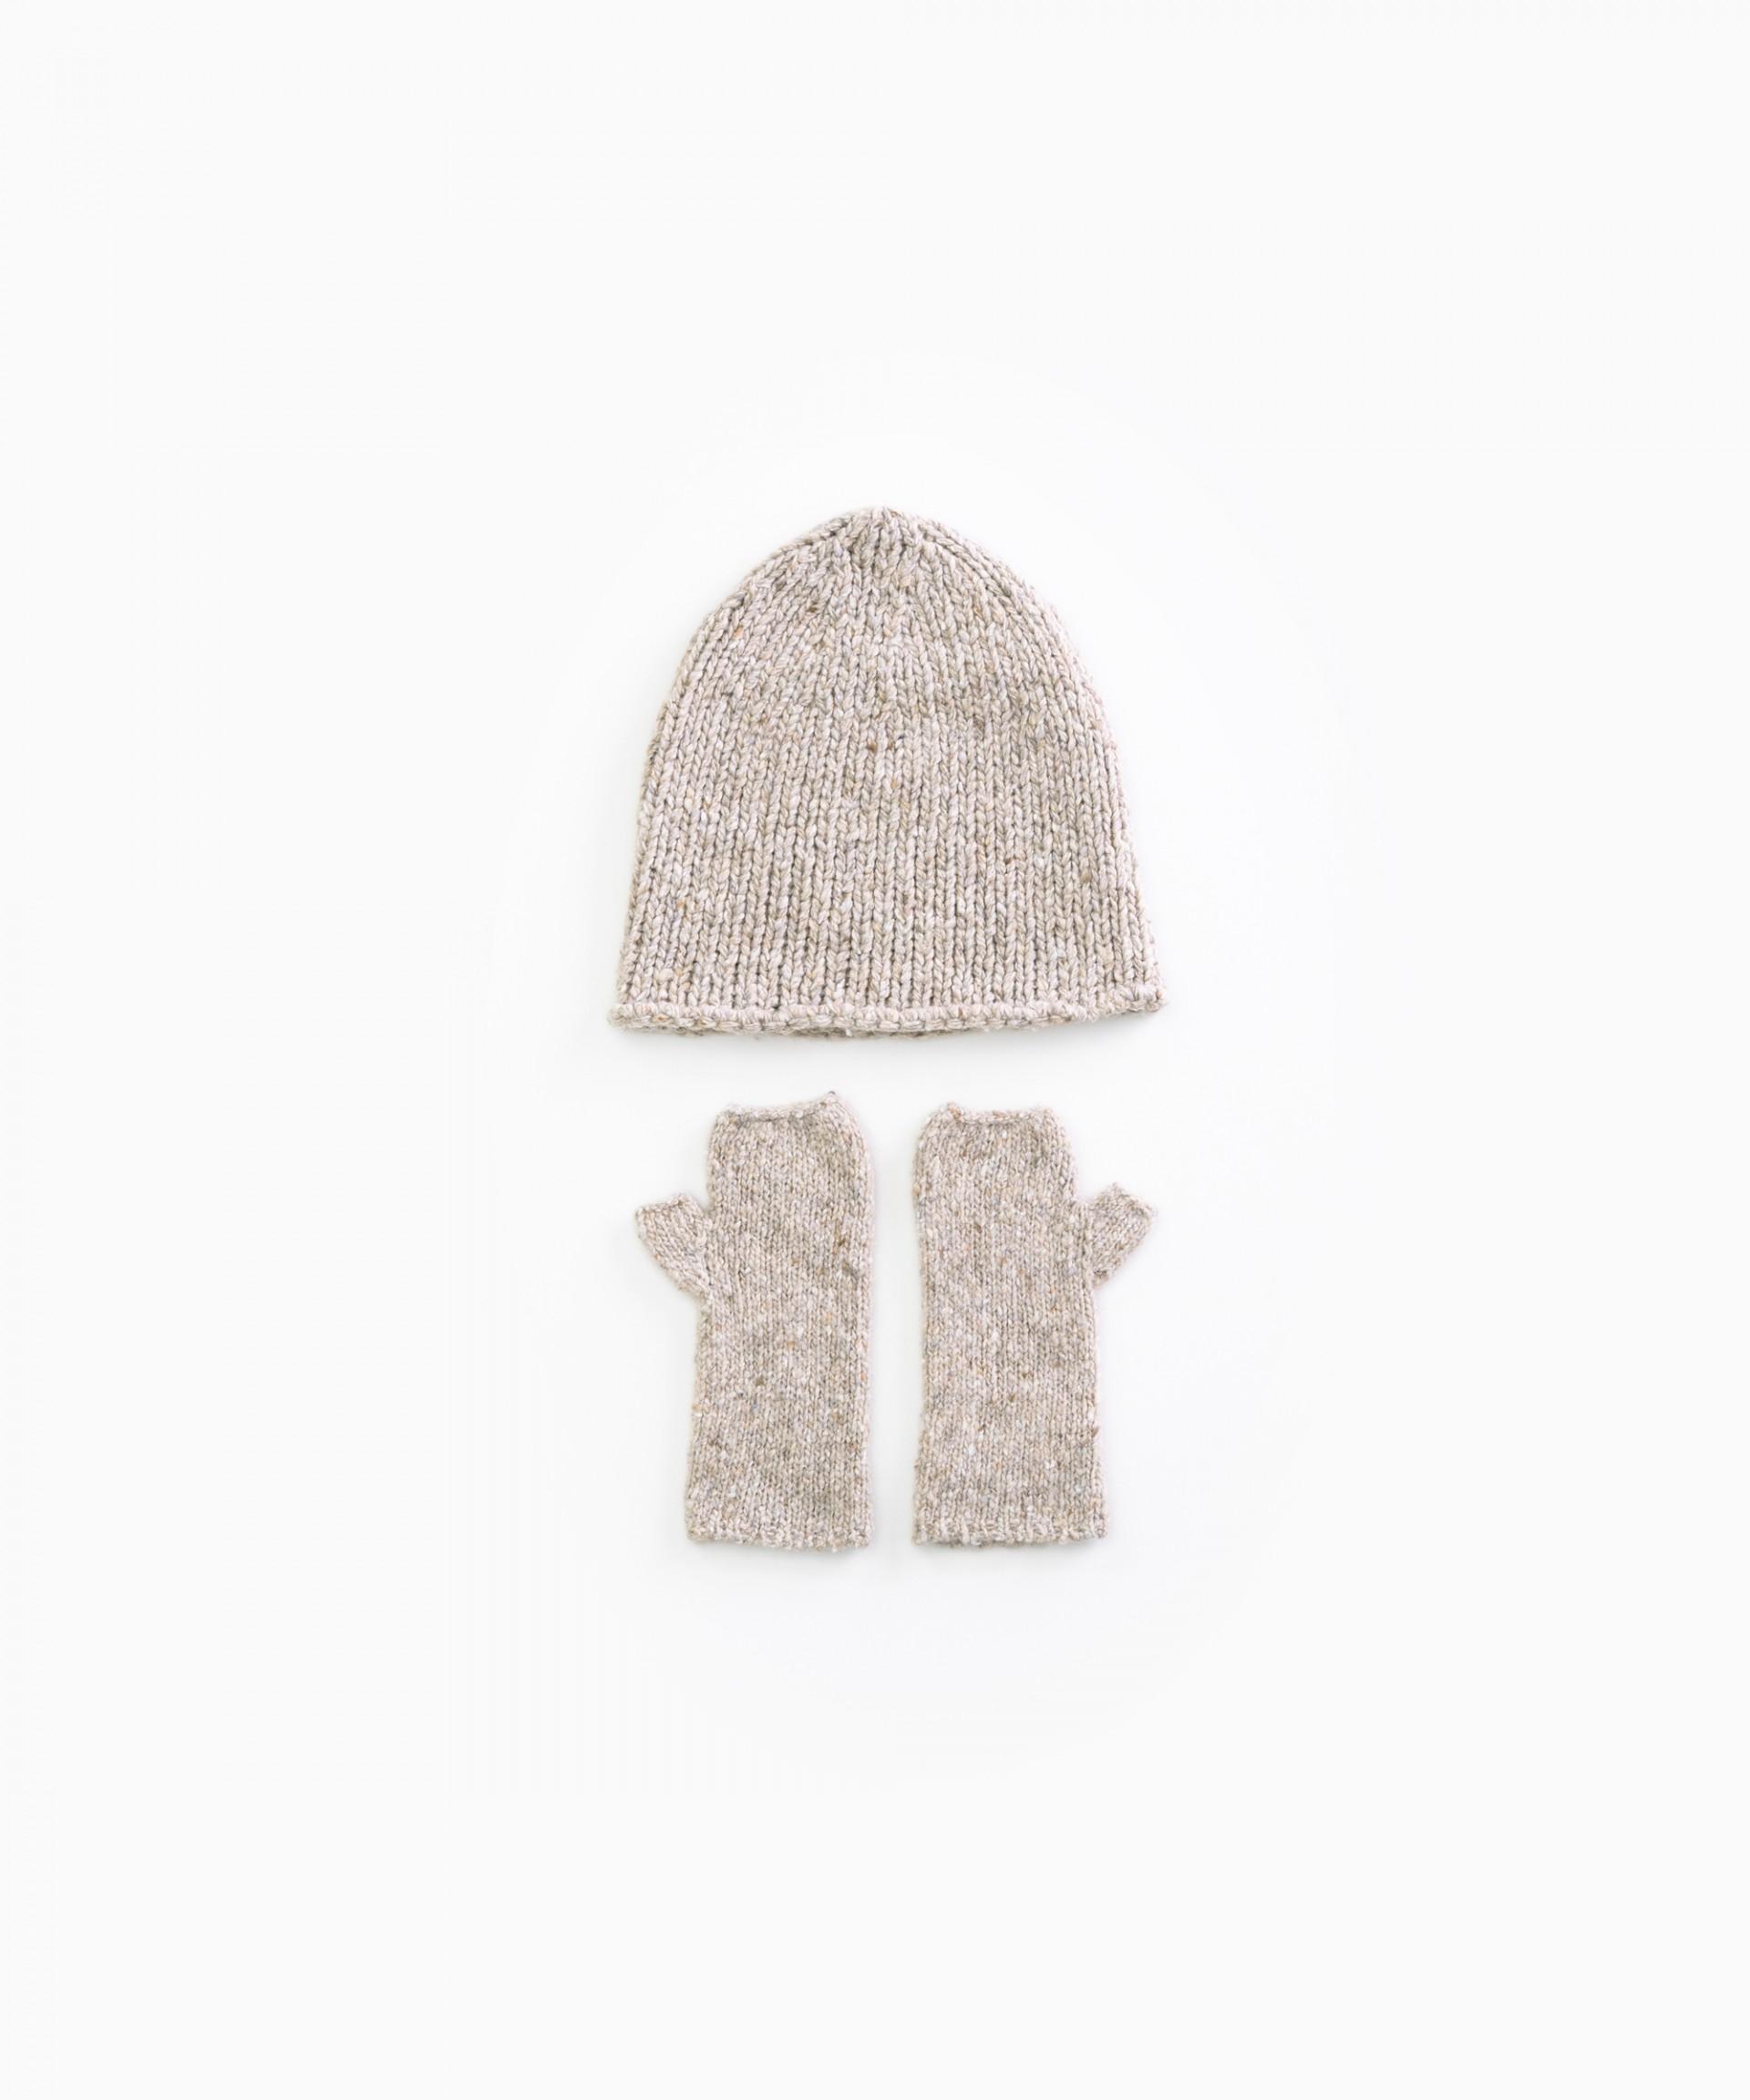 Conjunto tricot de fibras recicladas | Woodwork